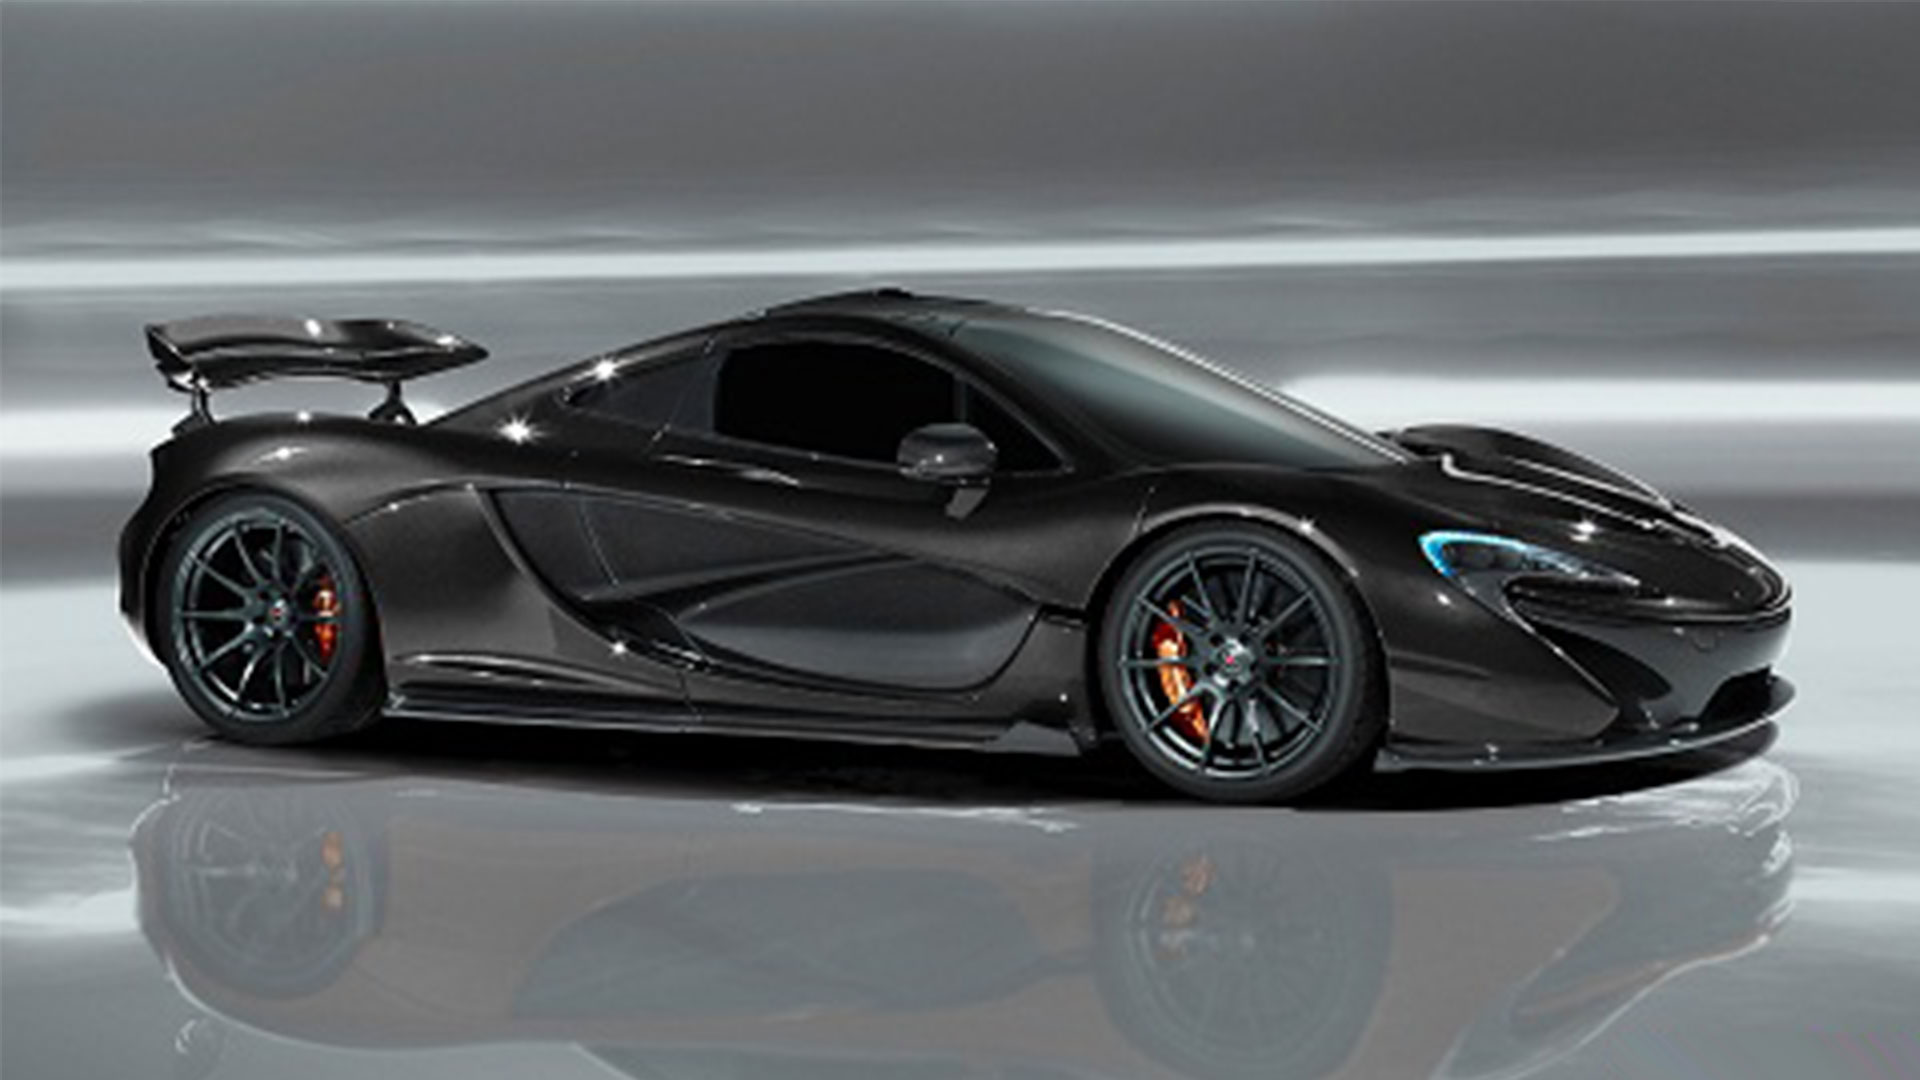 http://www.highpants.net/wp-content/uploads/2014/02/Highpants-hypercar-battle-McLaren-P1-04.jpg